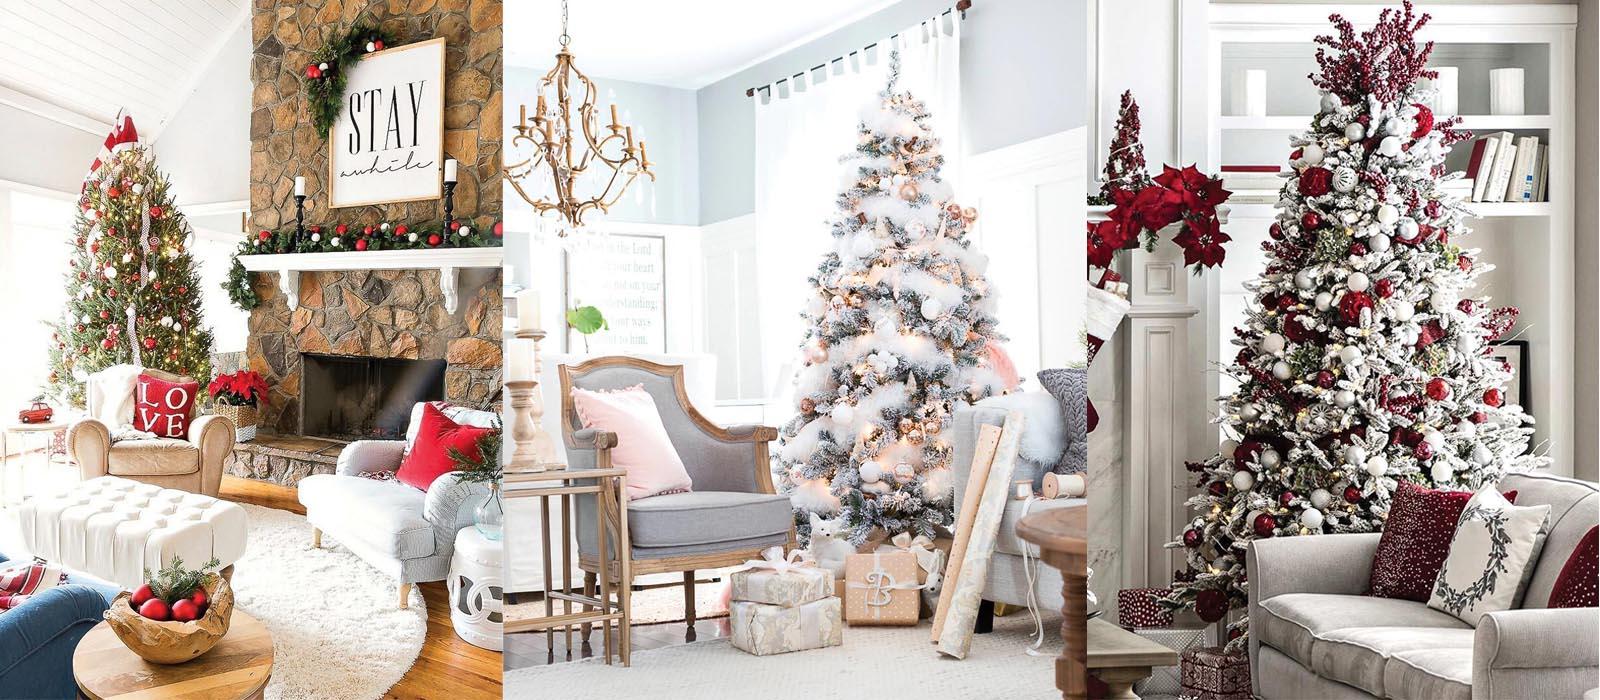 Đem Giáng sinh vào không gian phòng khách